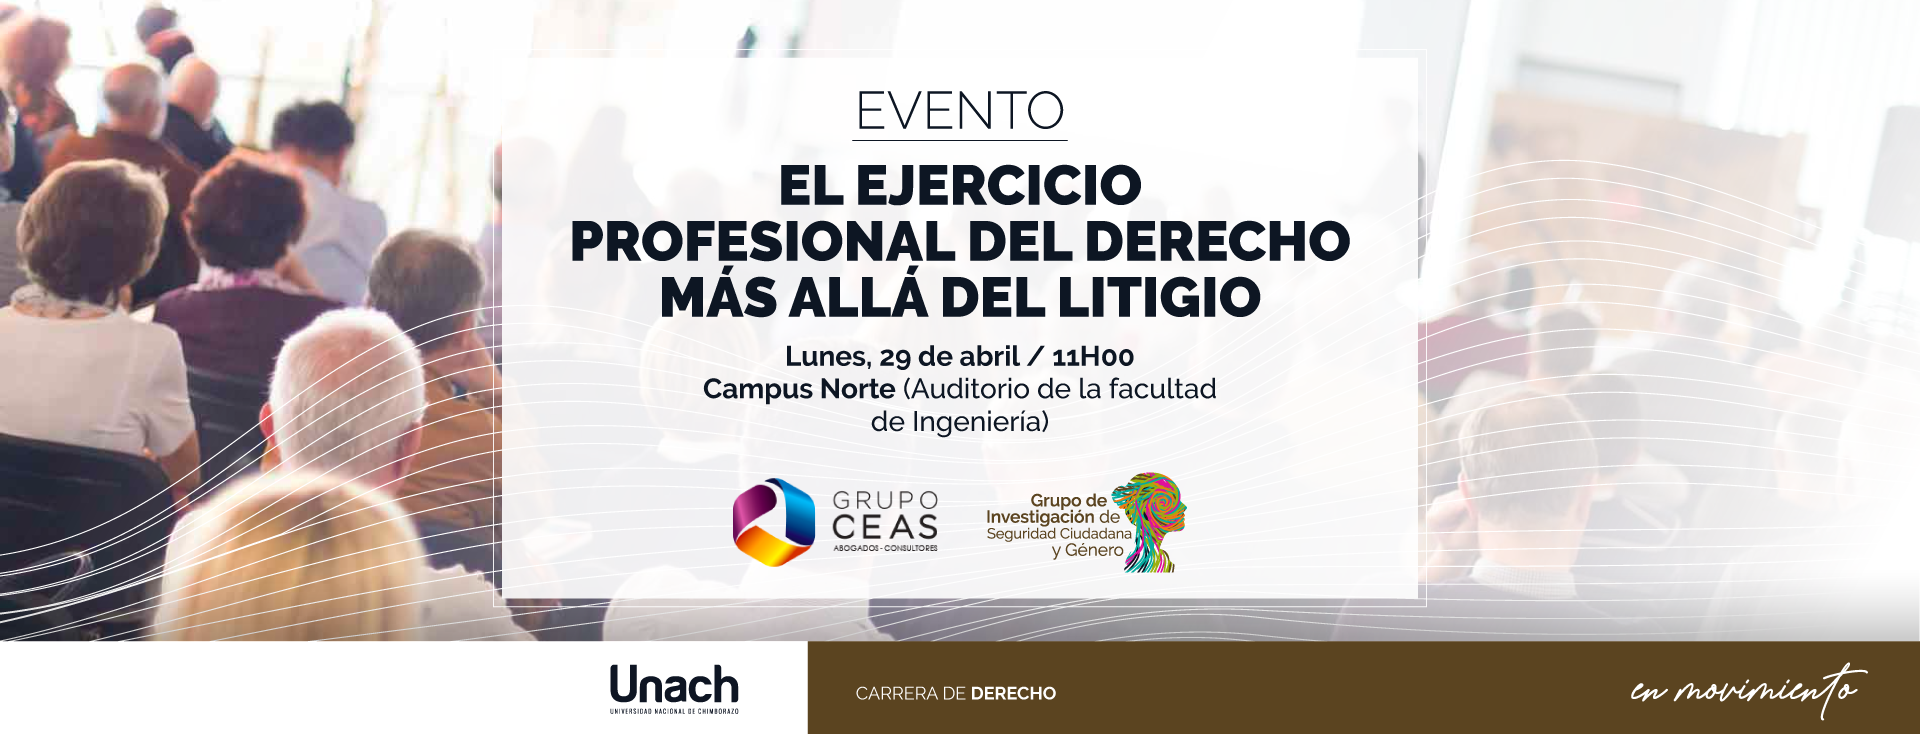 EL EJERCICIO PROFESIONAL DEL DERECHO MÁS ALLÁ DEL LITIGIO